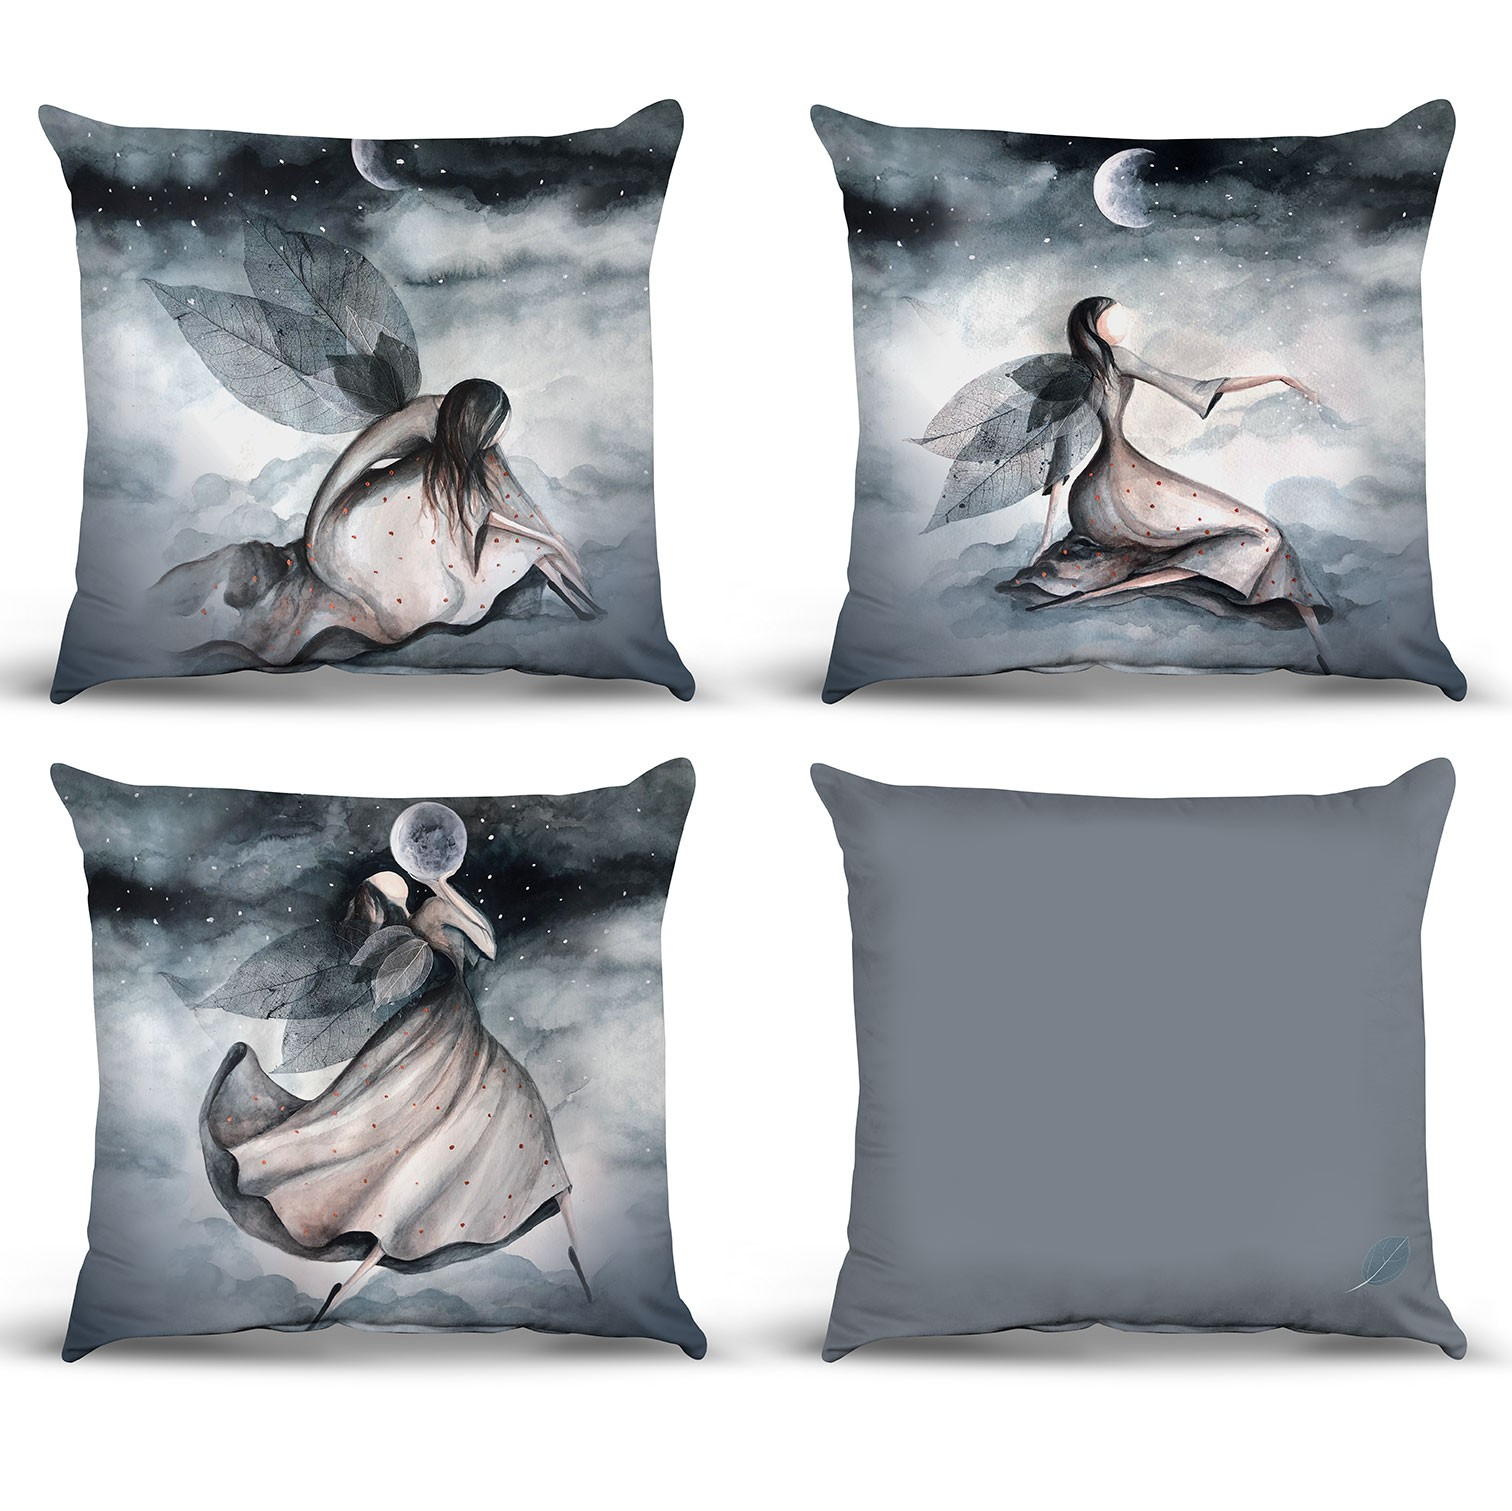 الجدول الرسم البياني Pillow نموذج 03 ليلة الجنية مجموعة مفهوم تصميم تصميم جودة وسادة غطاء 1st الجودة